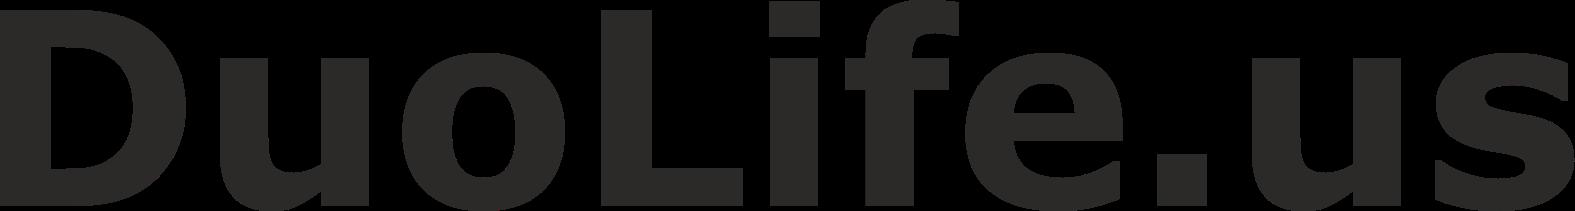 DuoLife.us